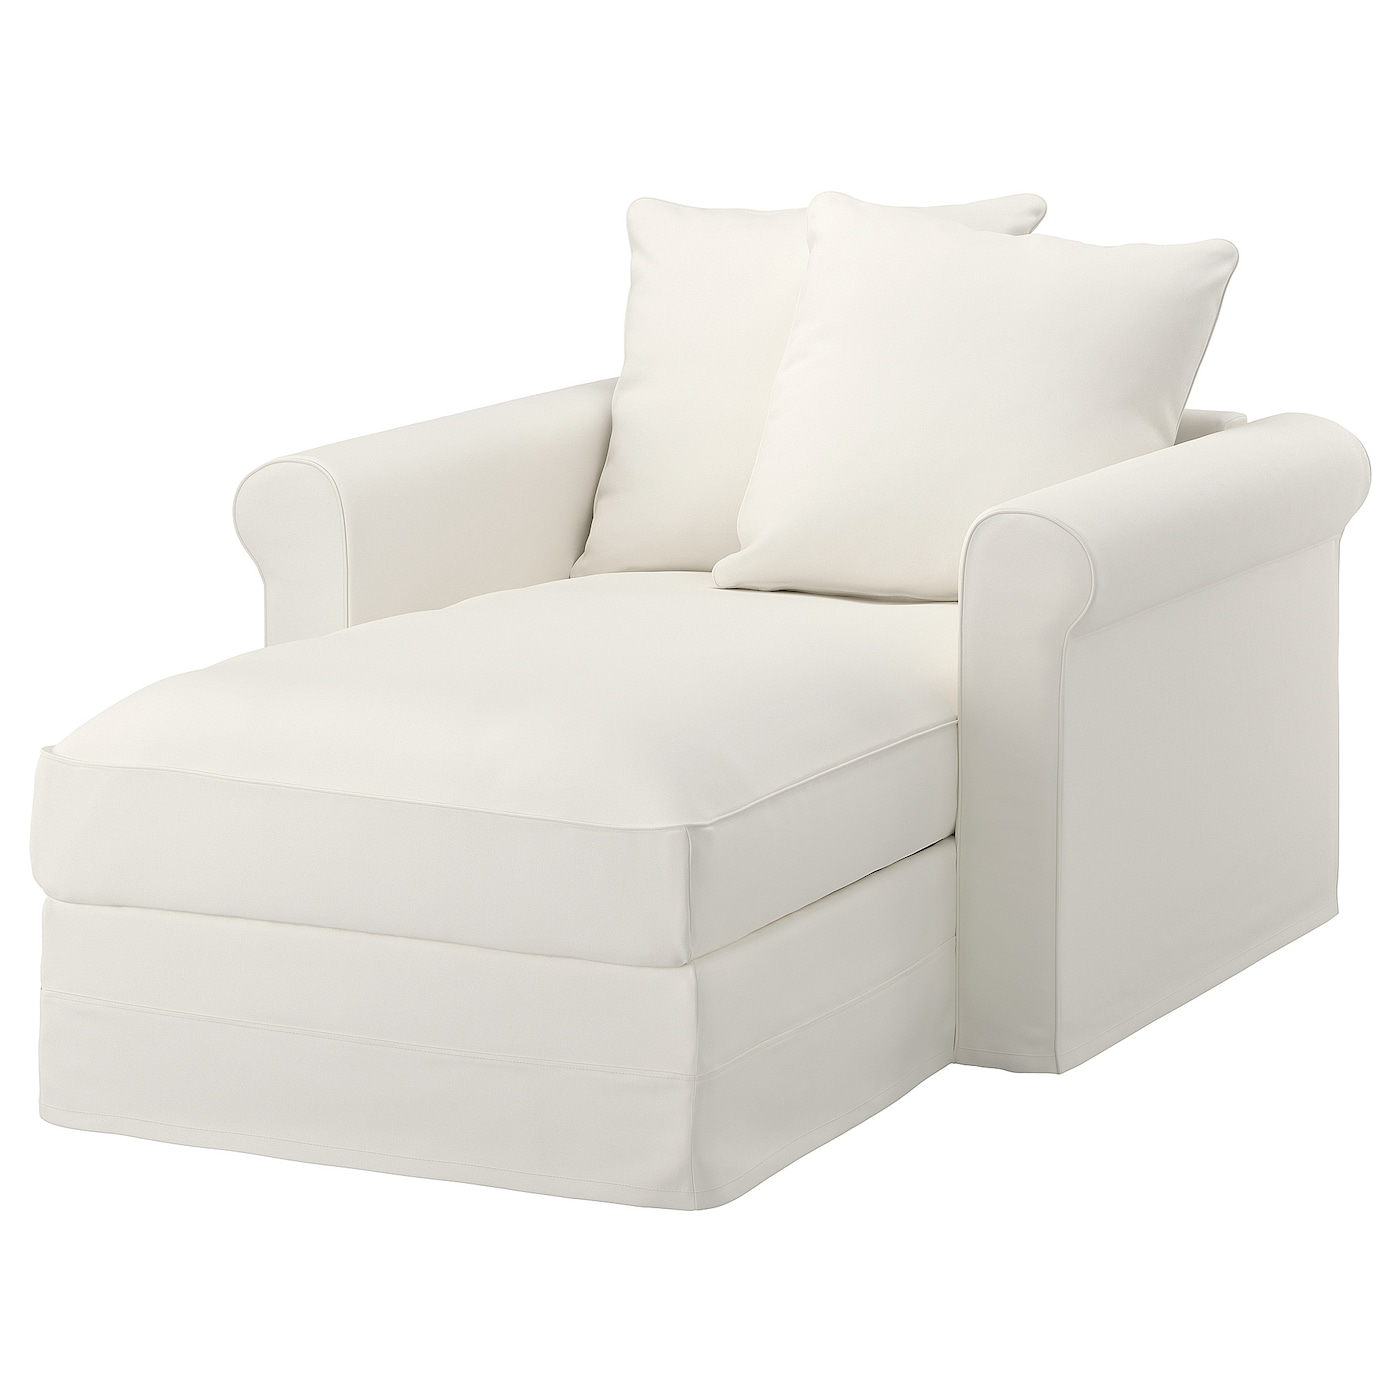 GRÖNLID   Wohnzimmer > Sofas & Couches > Recamieren   Weiß   IKEA